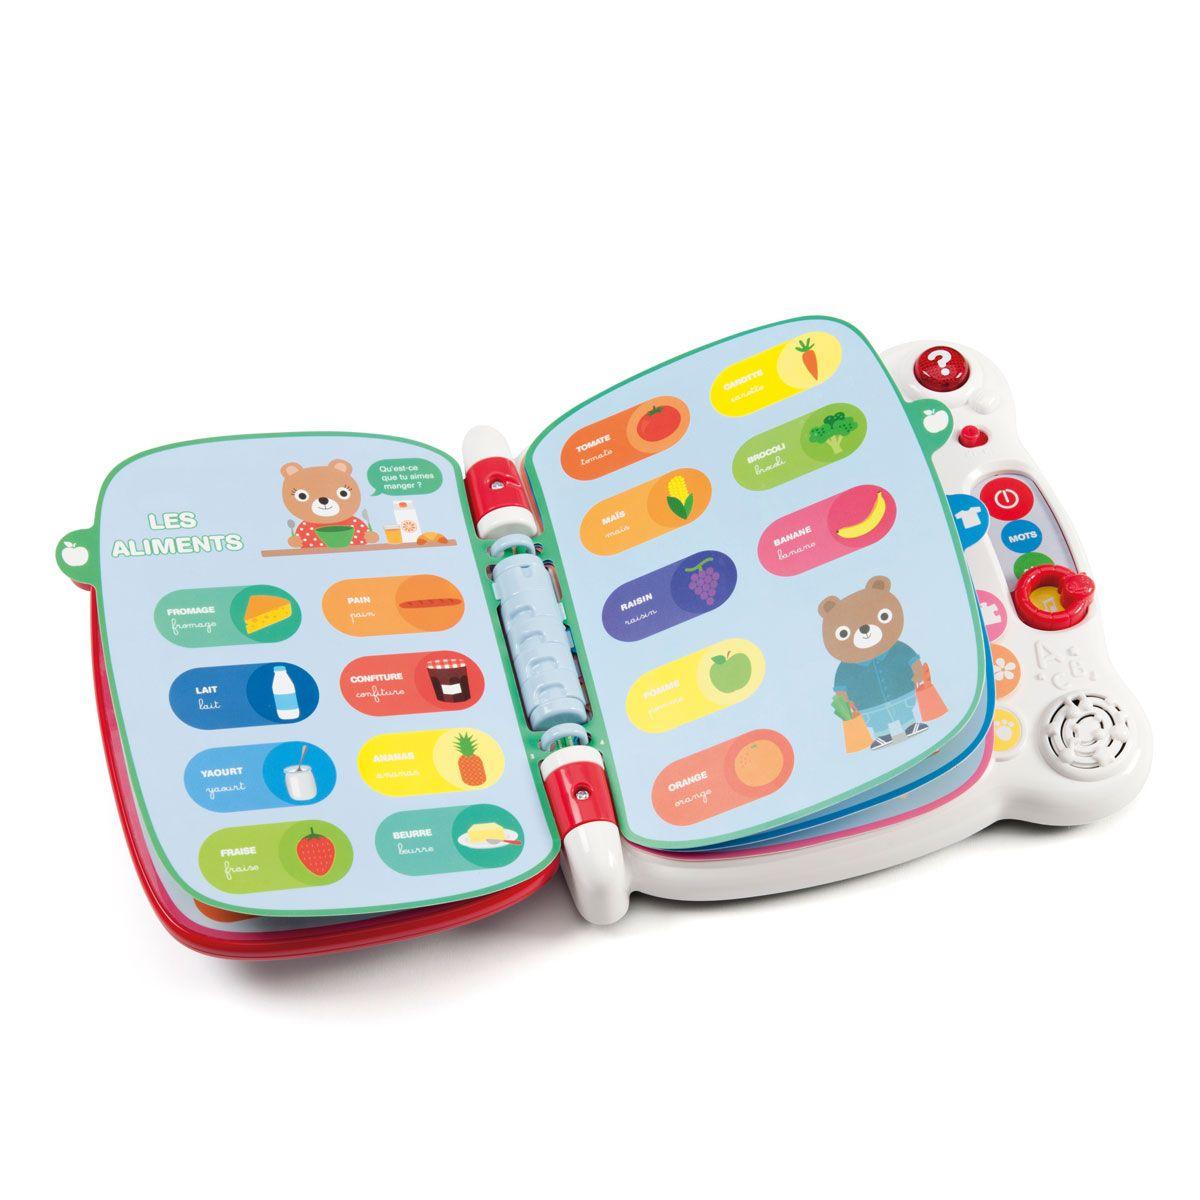 Premier Imagier Interactif Vtech | Premiers Sons, Jeux Pour pour Jeu Interactif Enfant